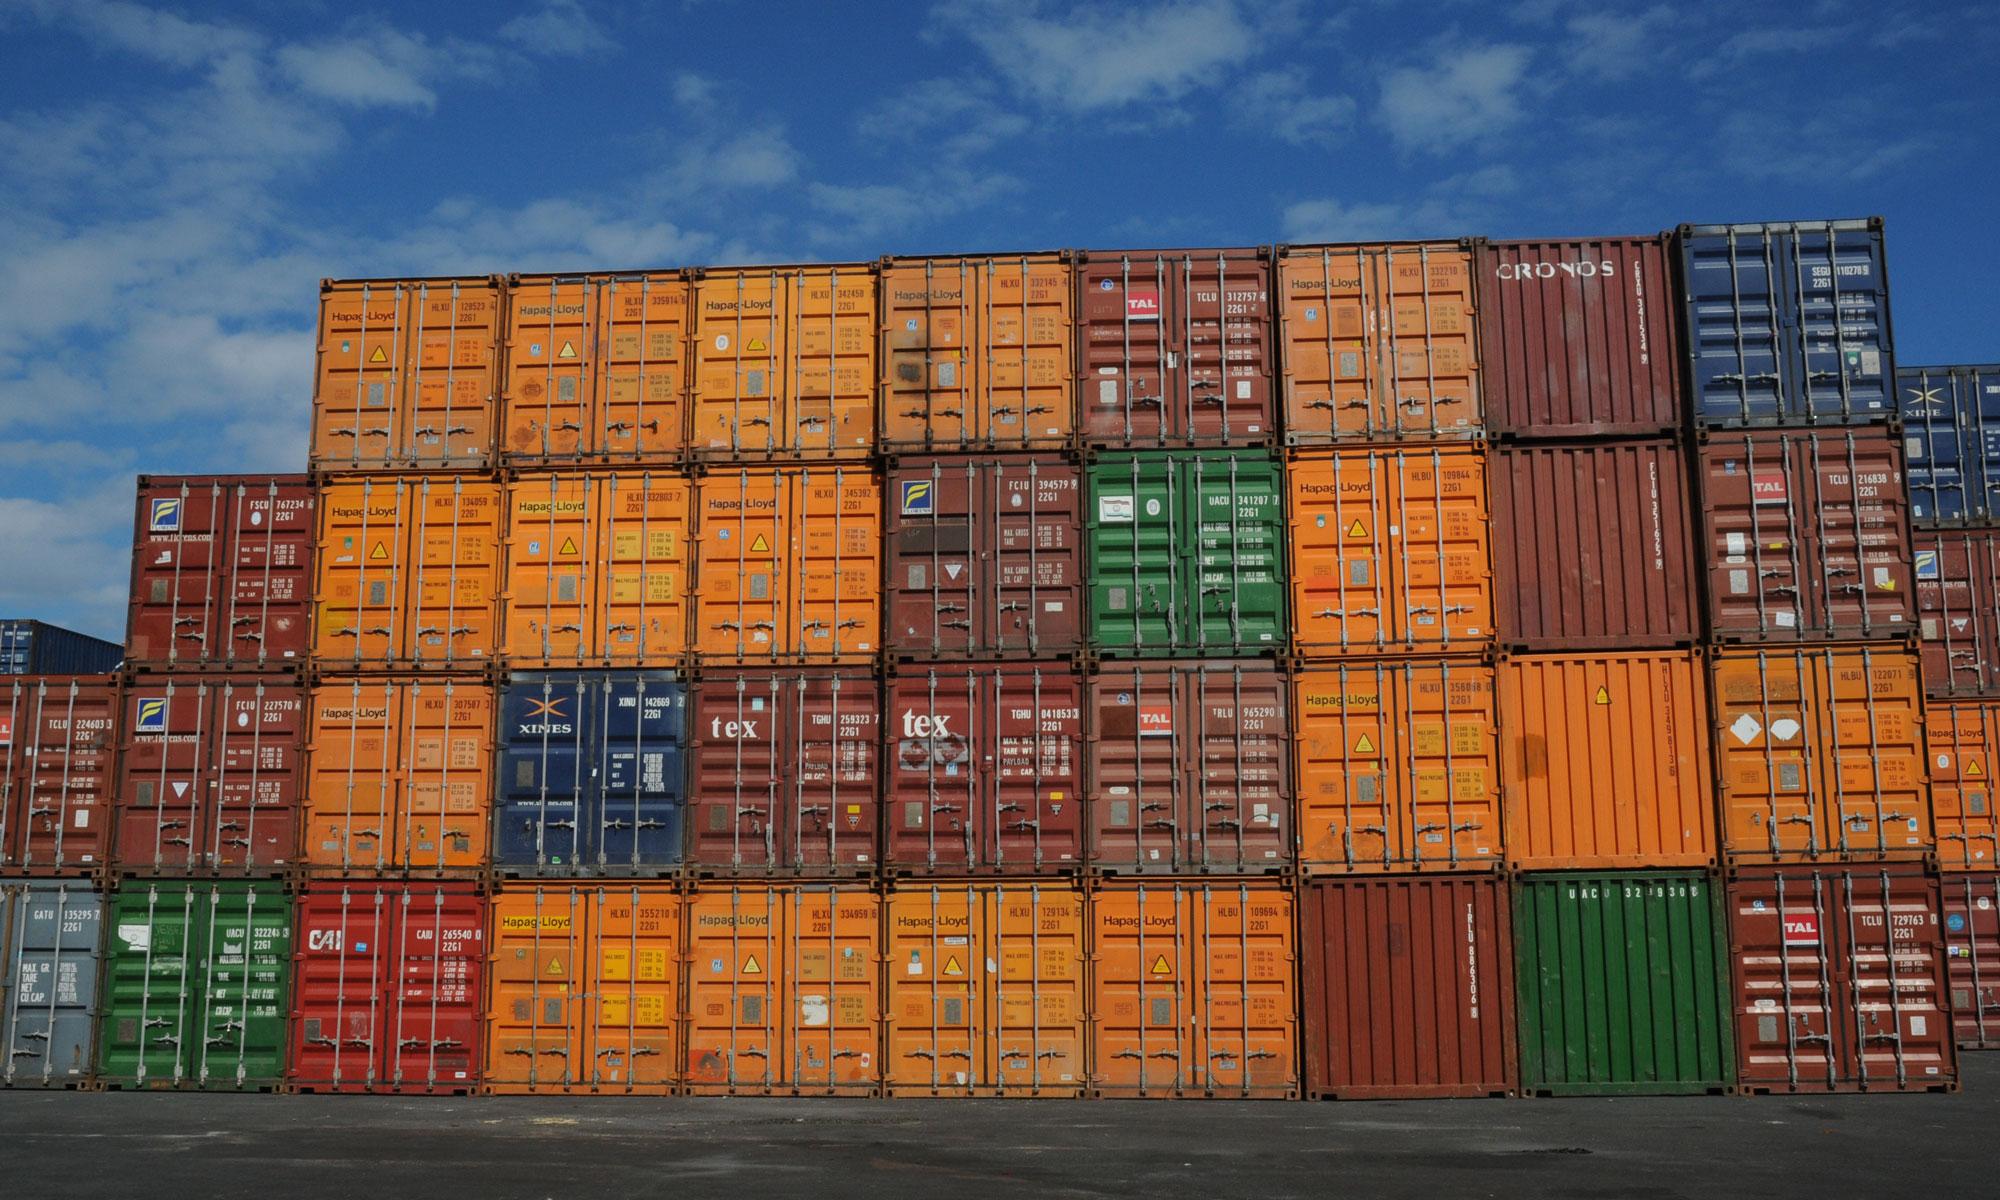 Réunion Container